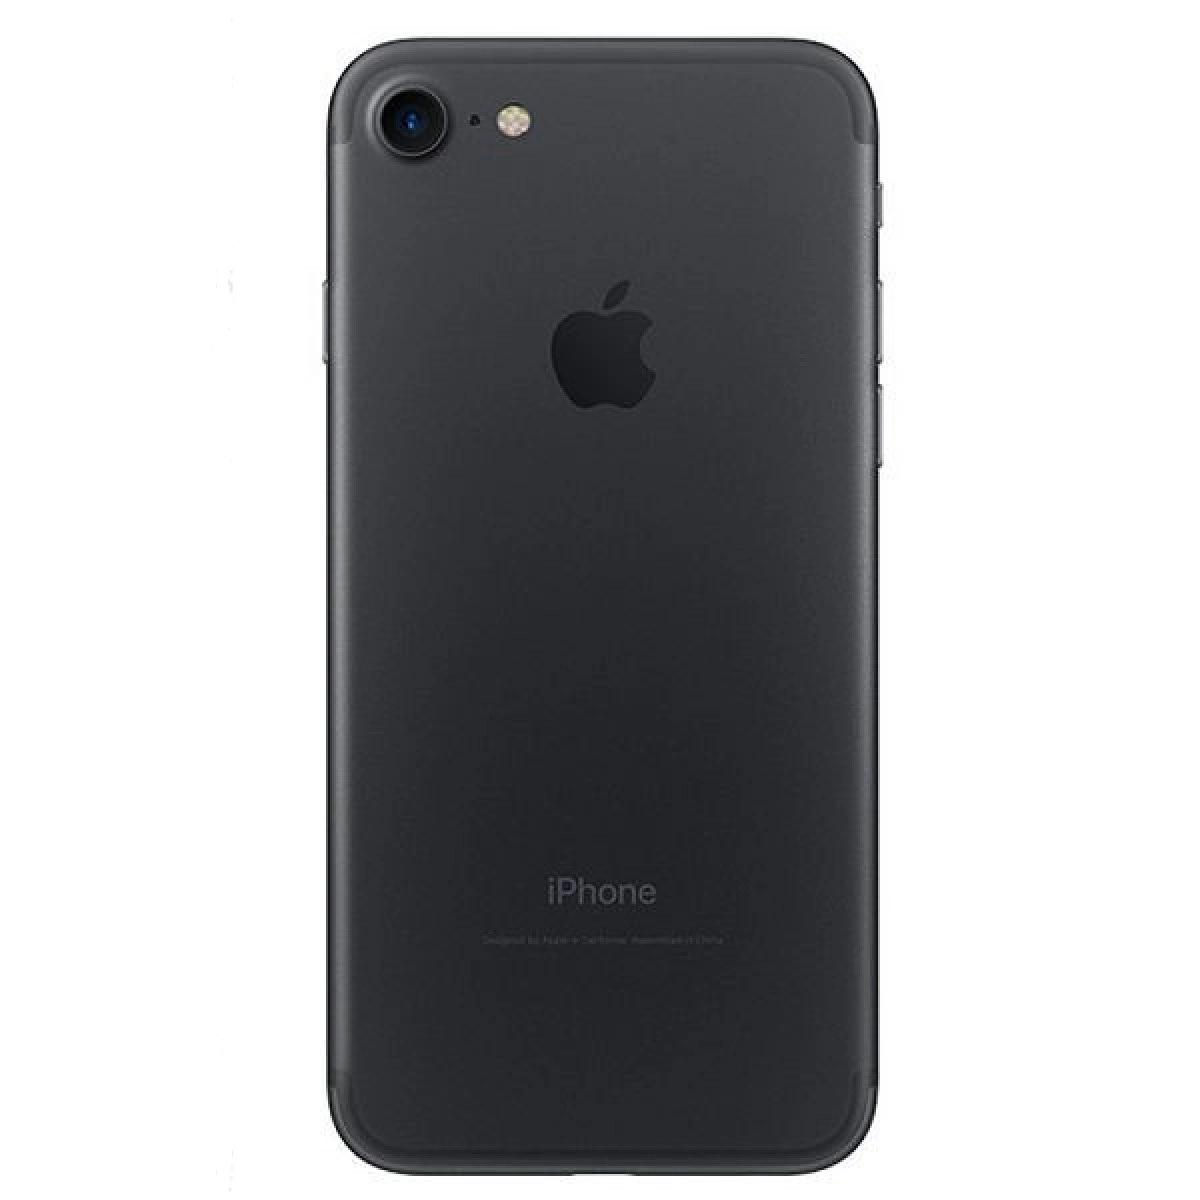 iPhone 7 32GB 359165077827580 - 3